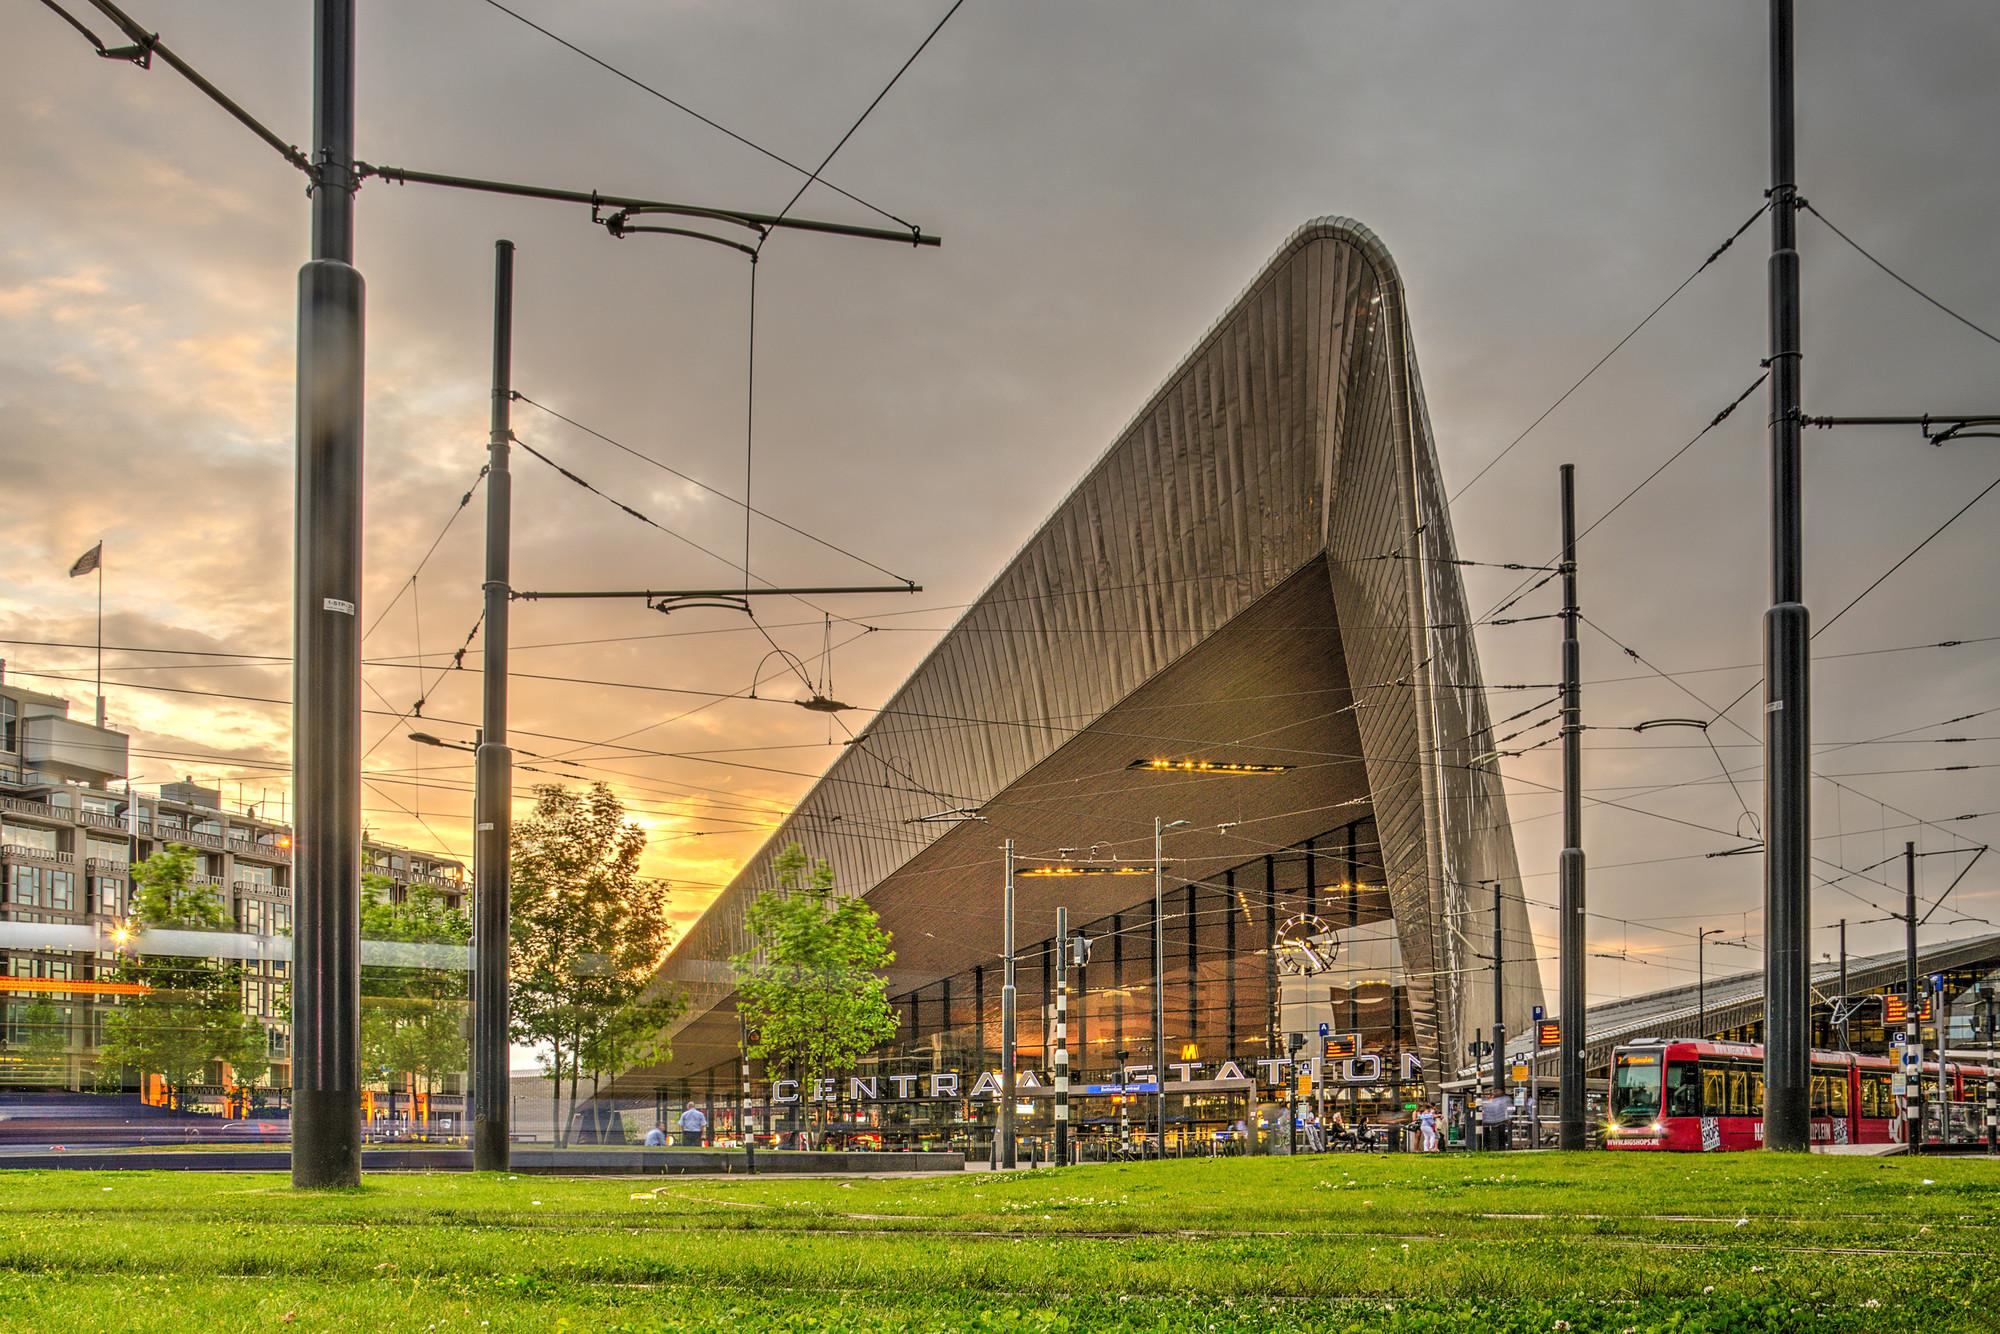 Євробачення 2020 в Роттердамі: ТОП-7 найцікавіших місць у місті